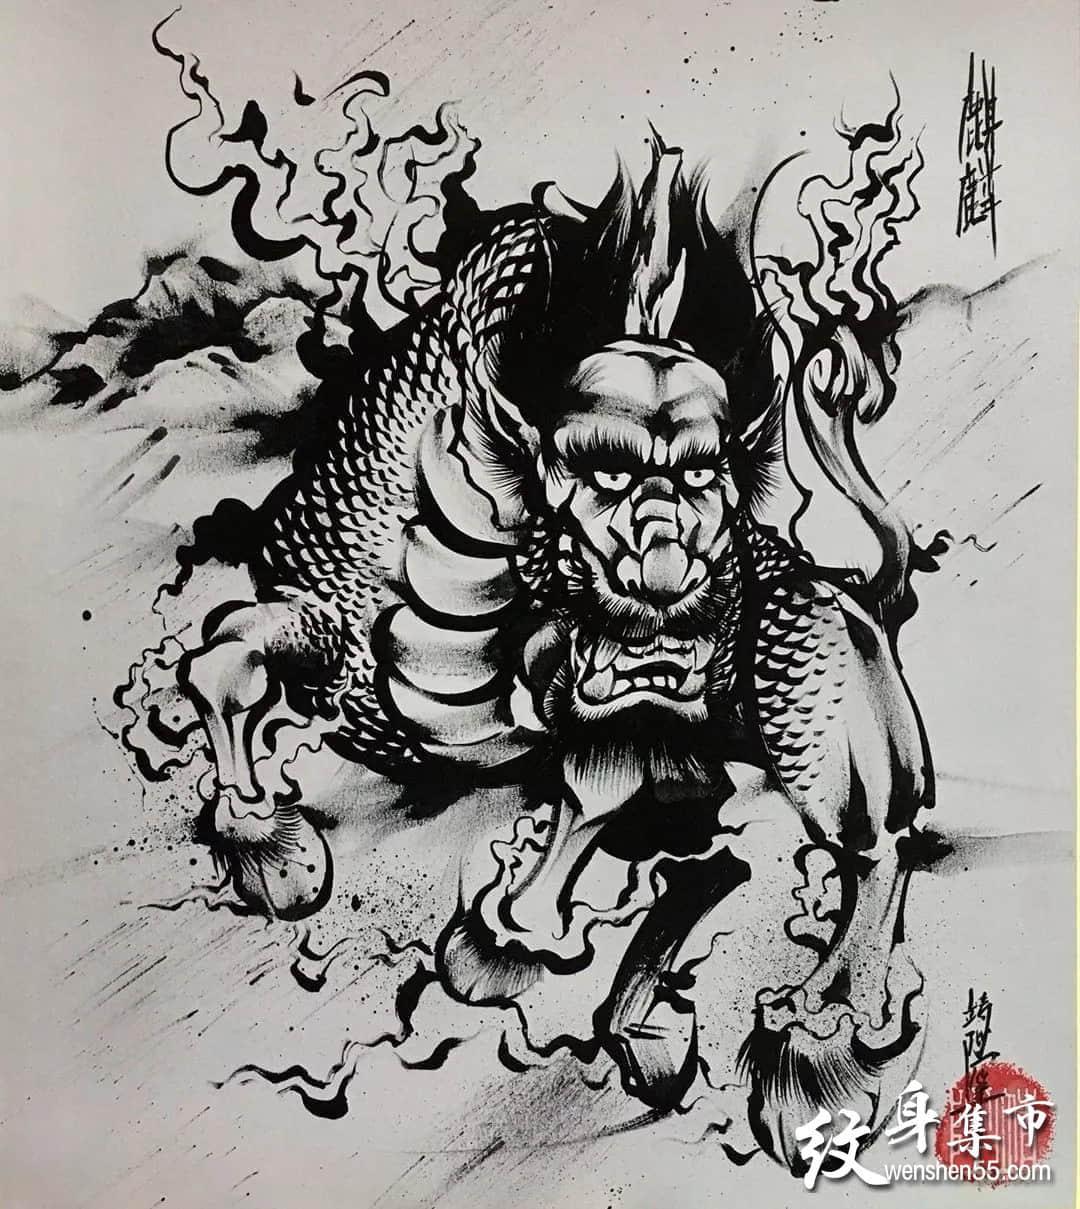 传统水墨纹身,传统水墨纹身手稿,传统水墨纹身手稿图案